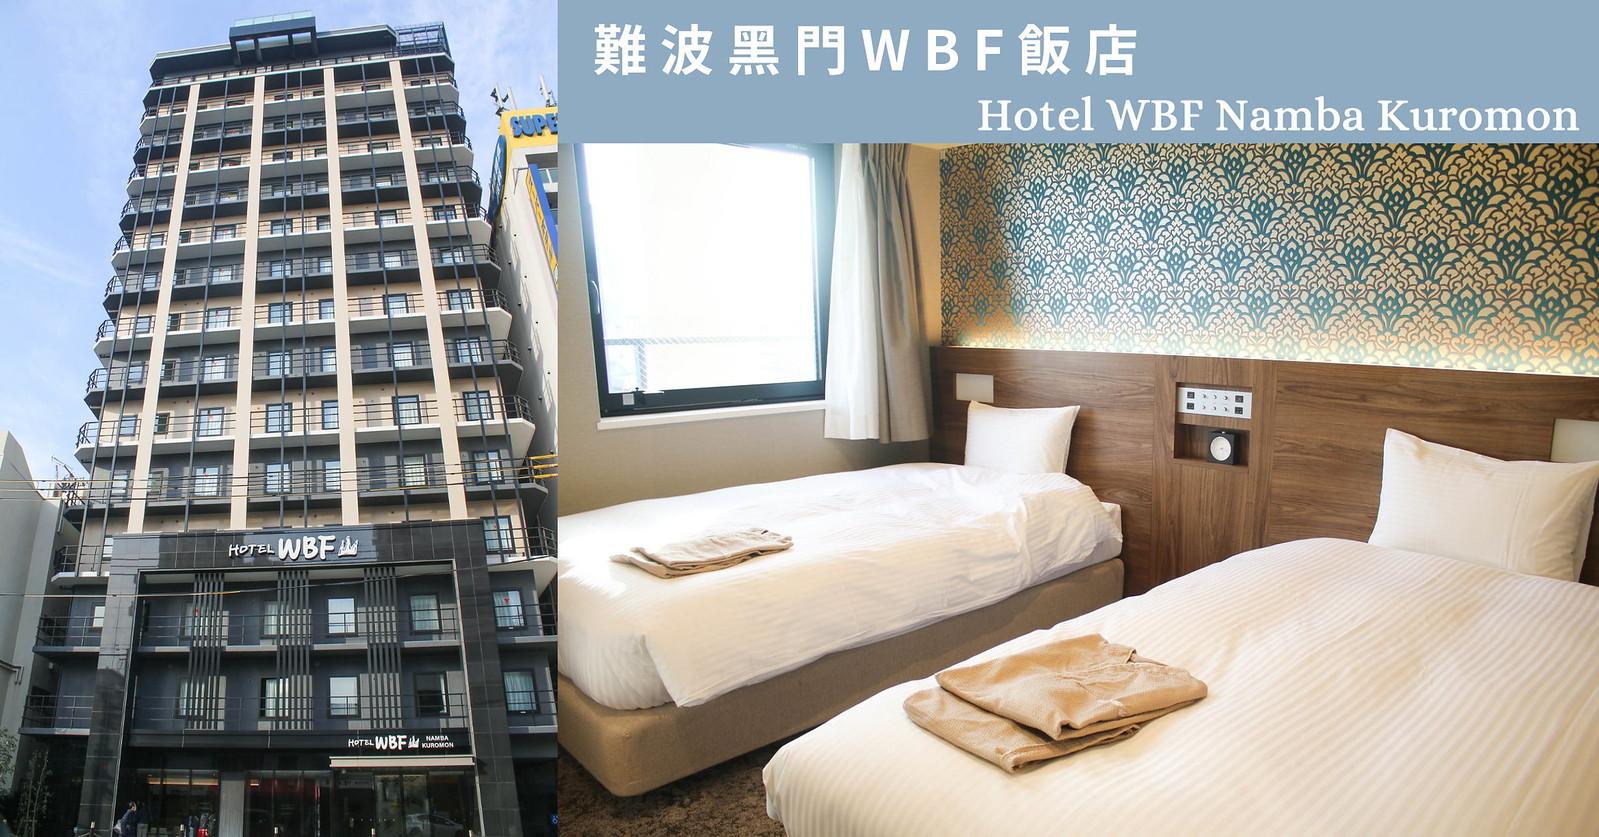 最新推播訊息:大阪住宿推薦,日本橋站旁的平價飯店,交通購物都方便!